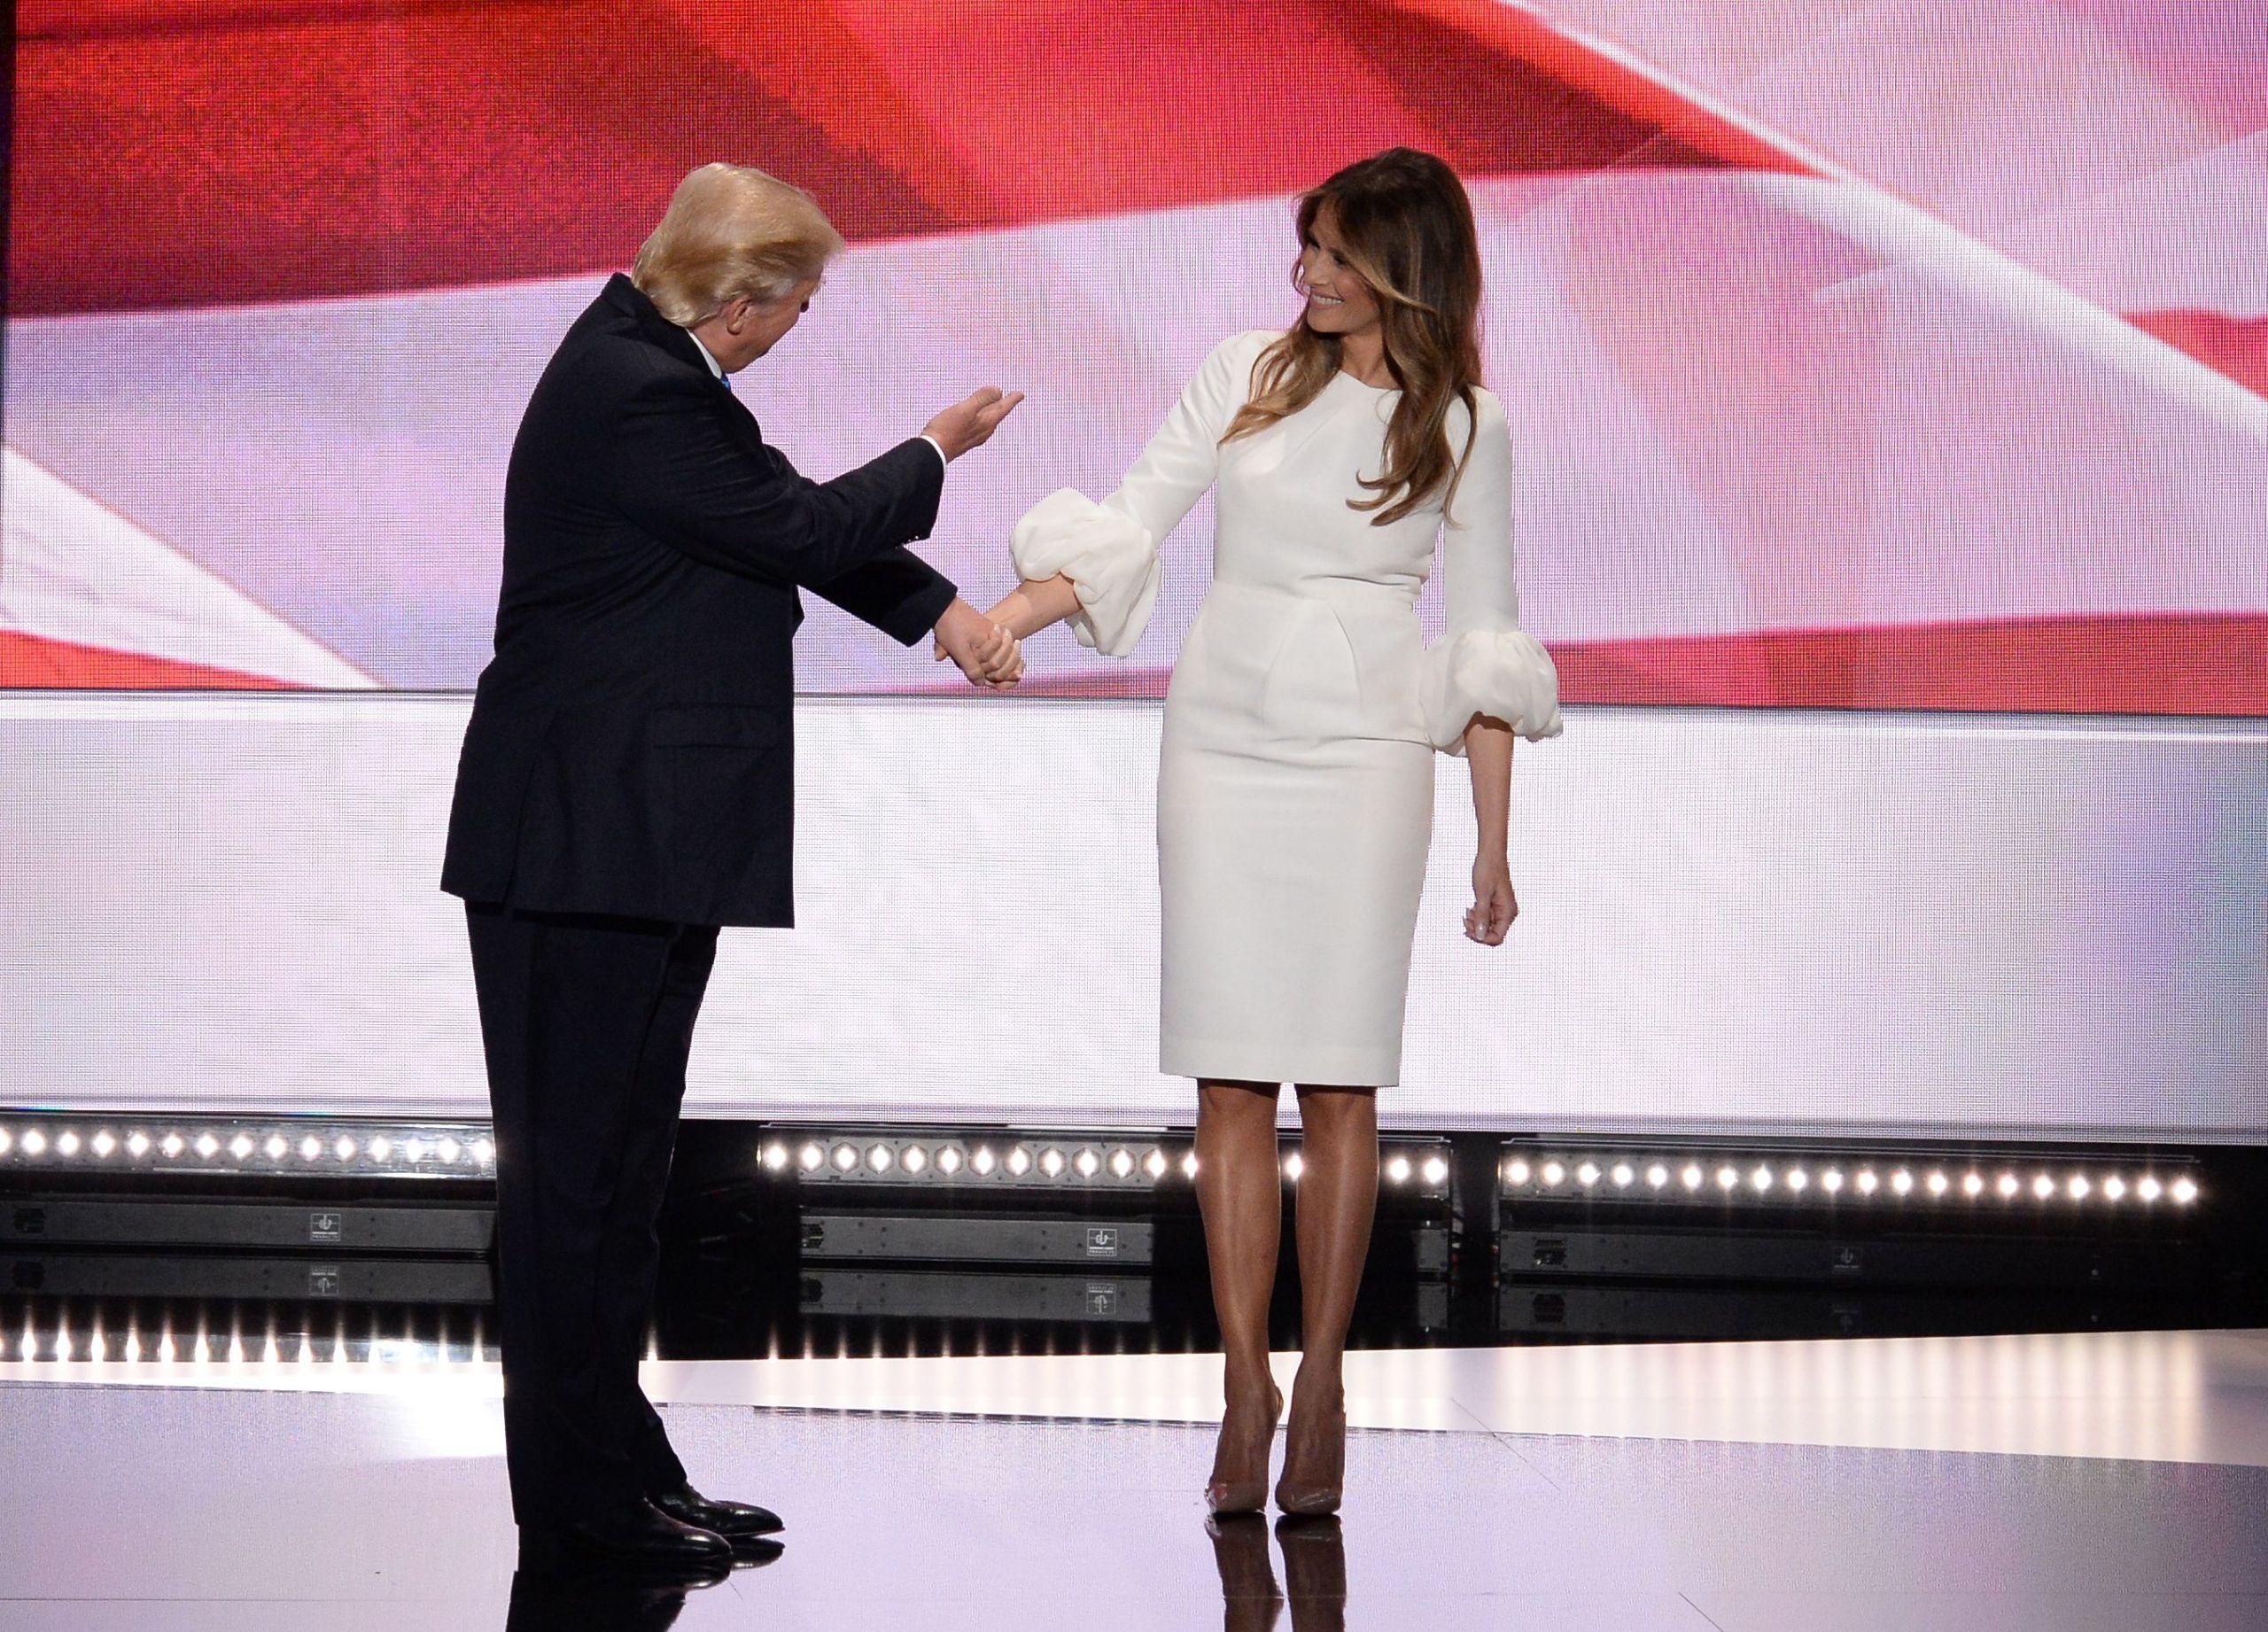 Melania Trump Bianco Di Vestita Melania Trump Di Bianco Vestita rXf7r